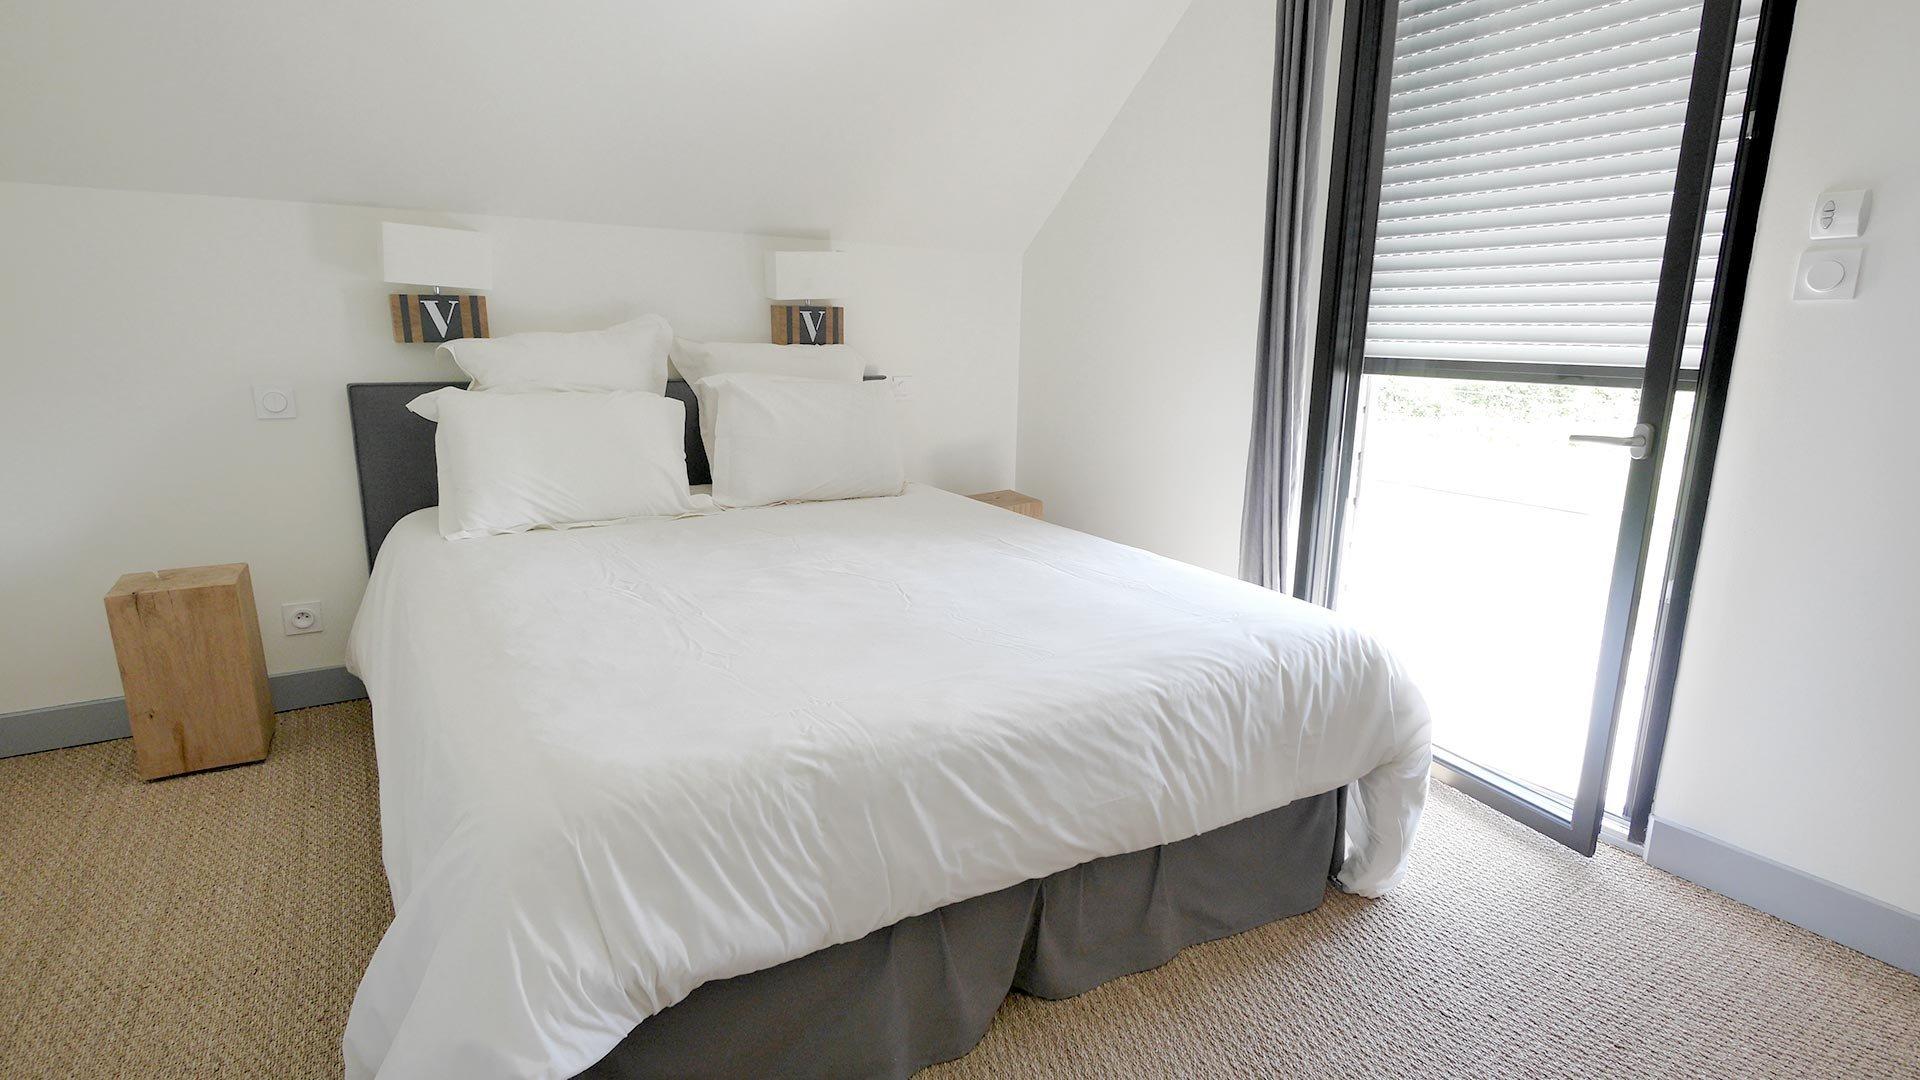 Double room floor